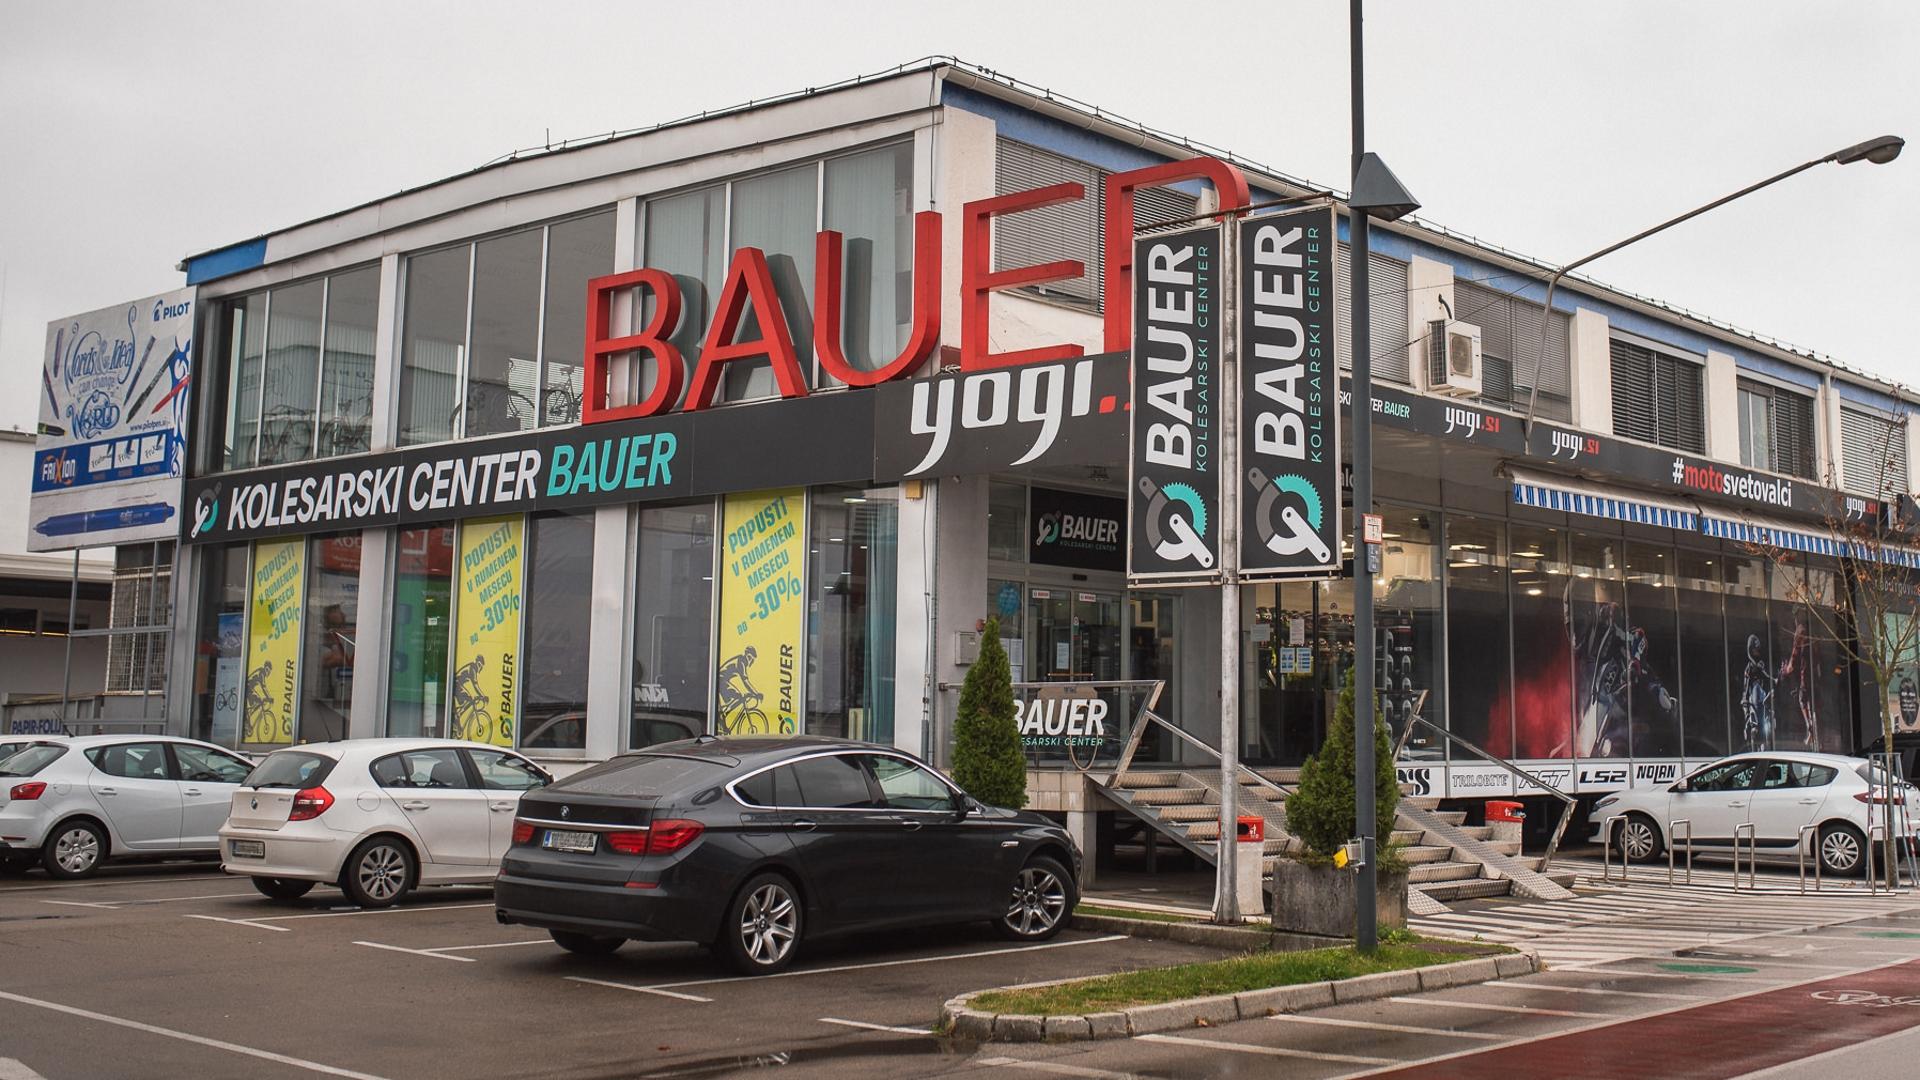 Bauer-hero